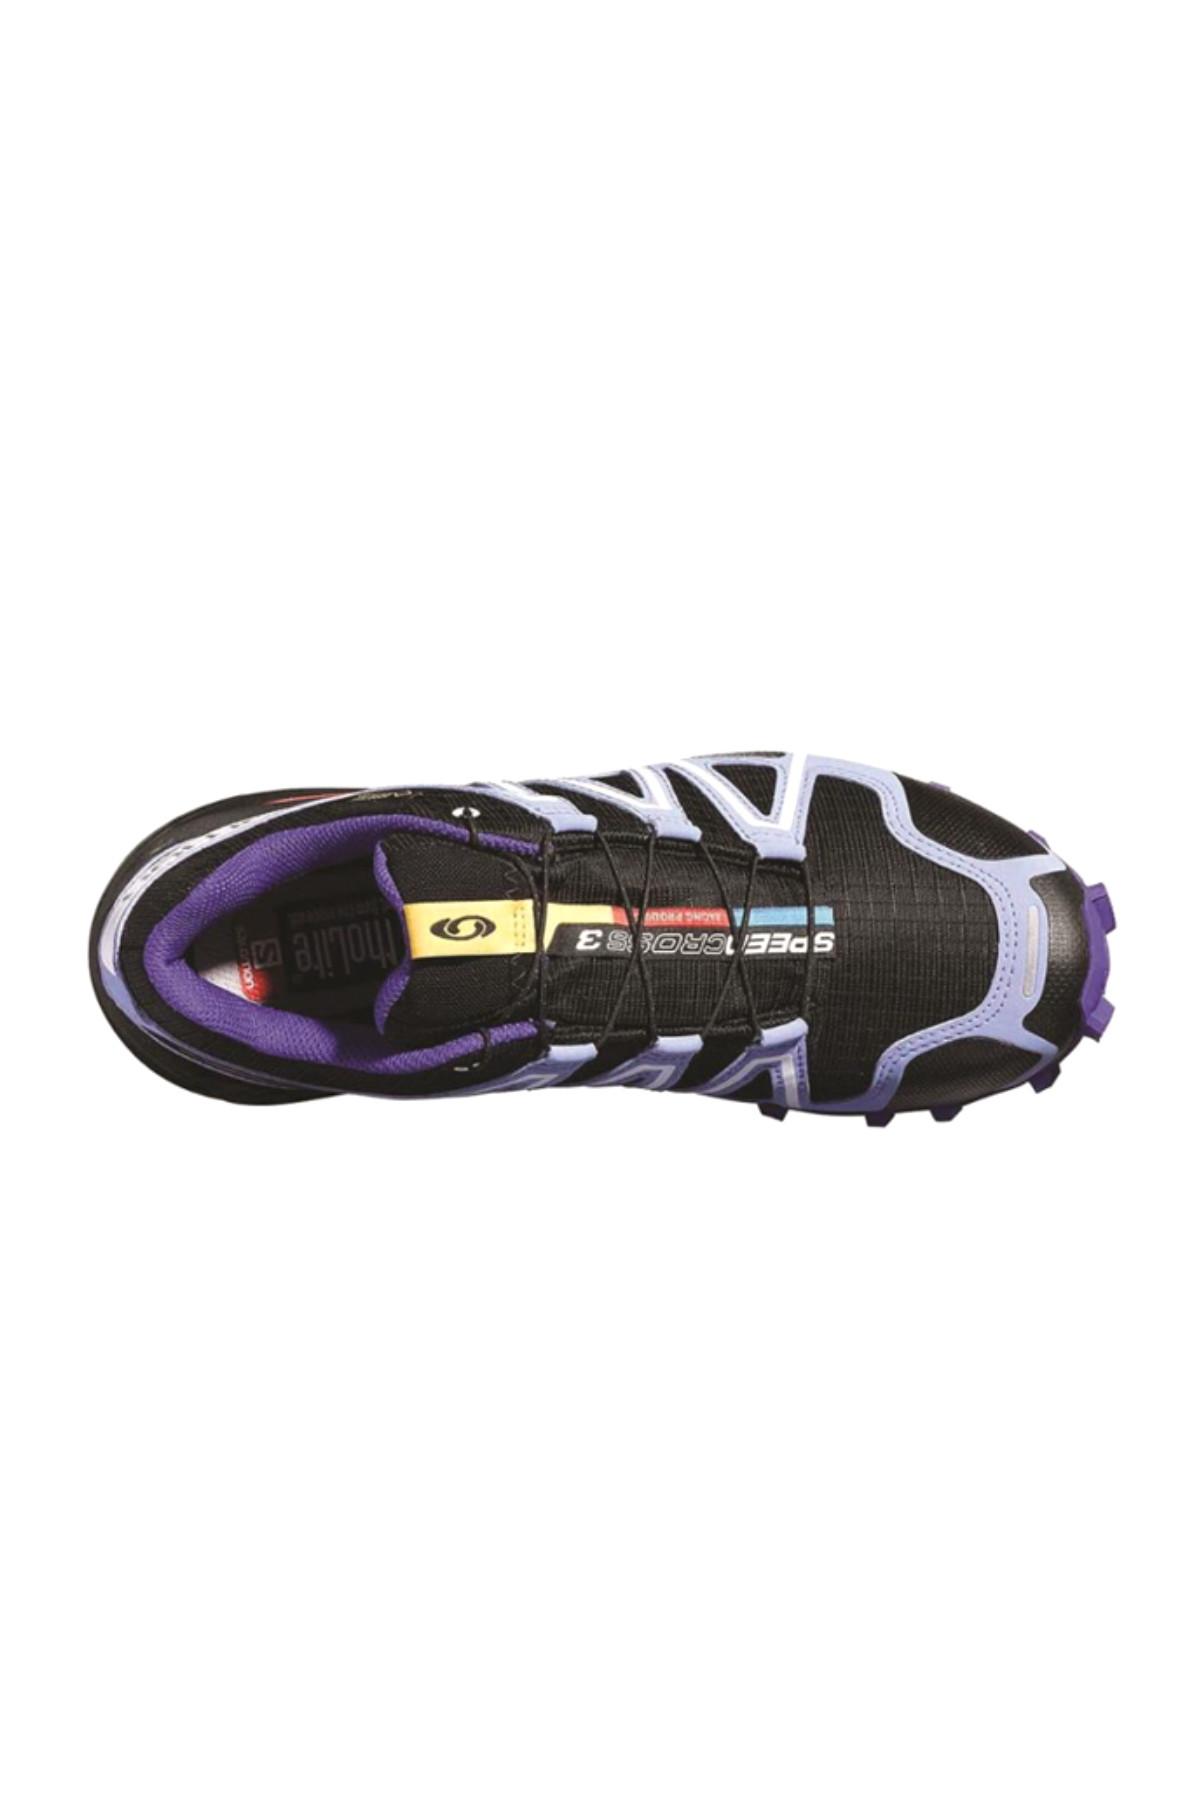 Salomon Kadın Outdoor Ayakkabı Sa Omonspeedcross3Gtxw - s-l36982500mlc 2